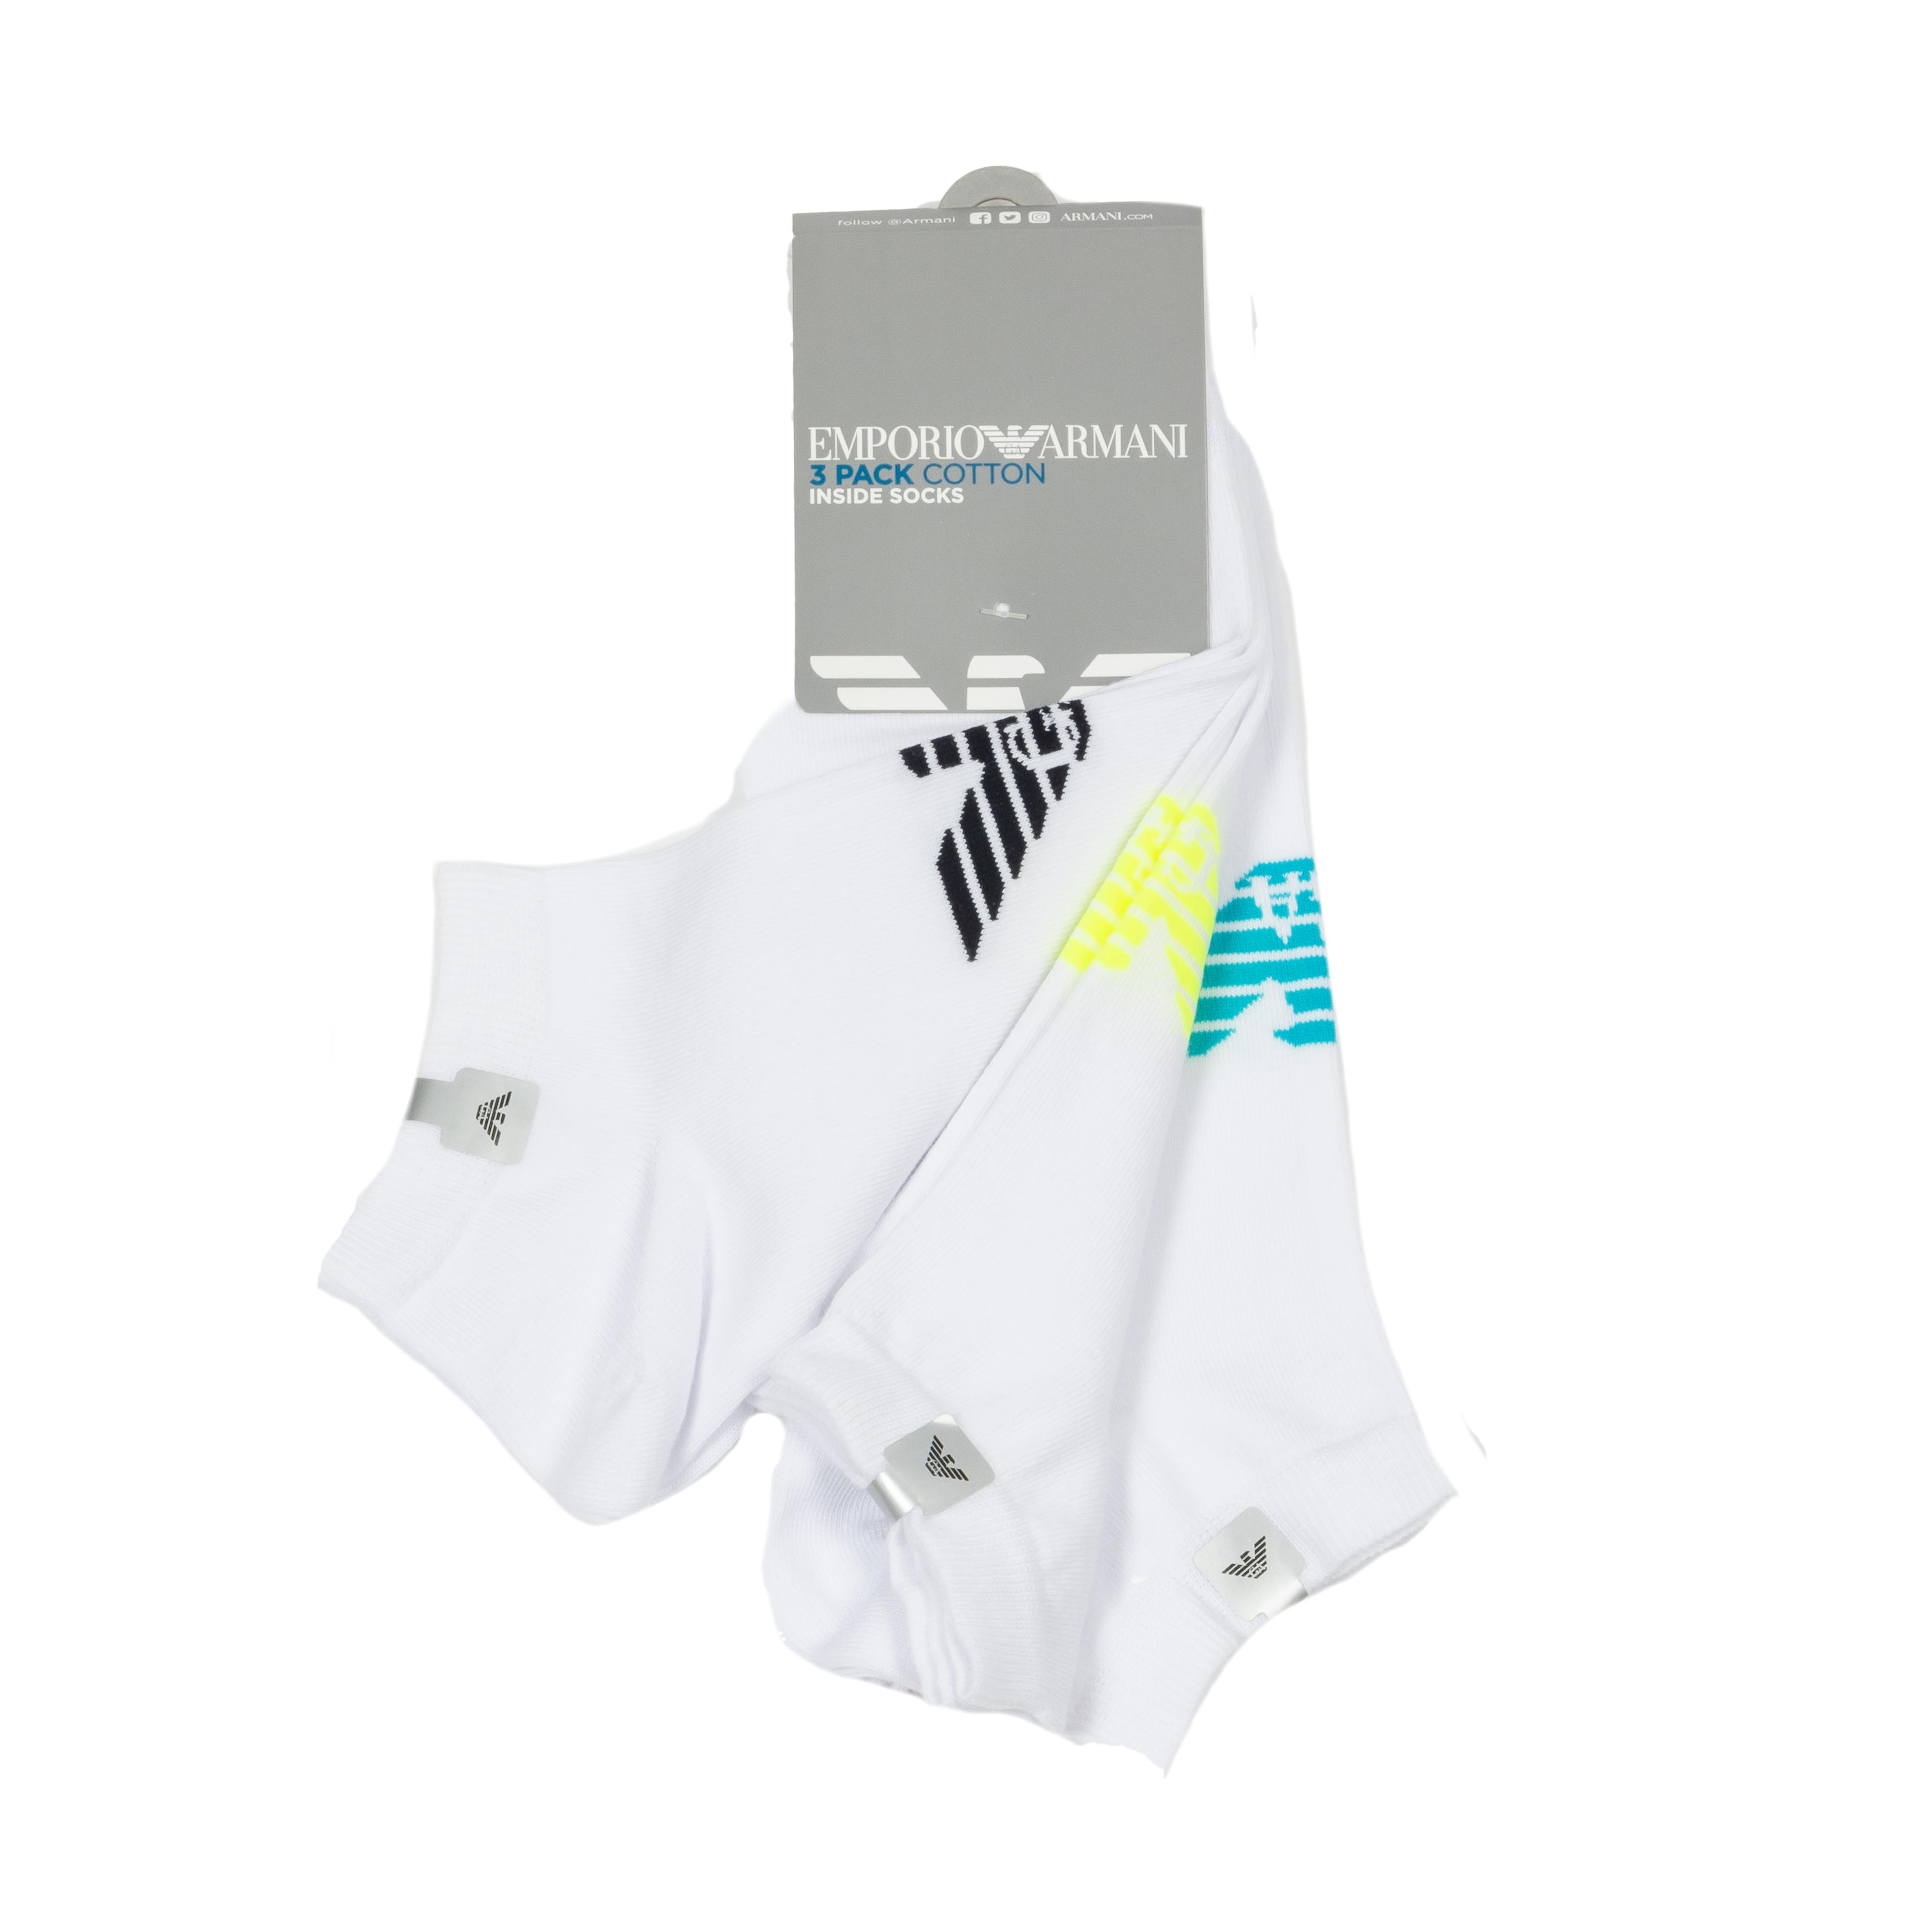 Lot de 3 paires de chaussettes basses  en coton mélangé blanc